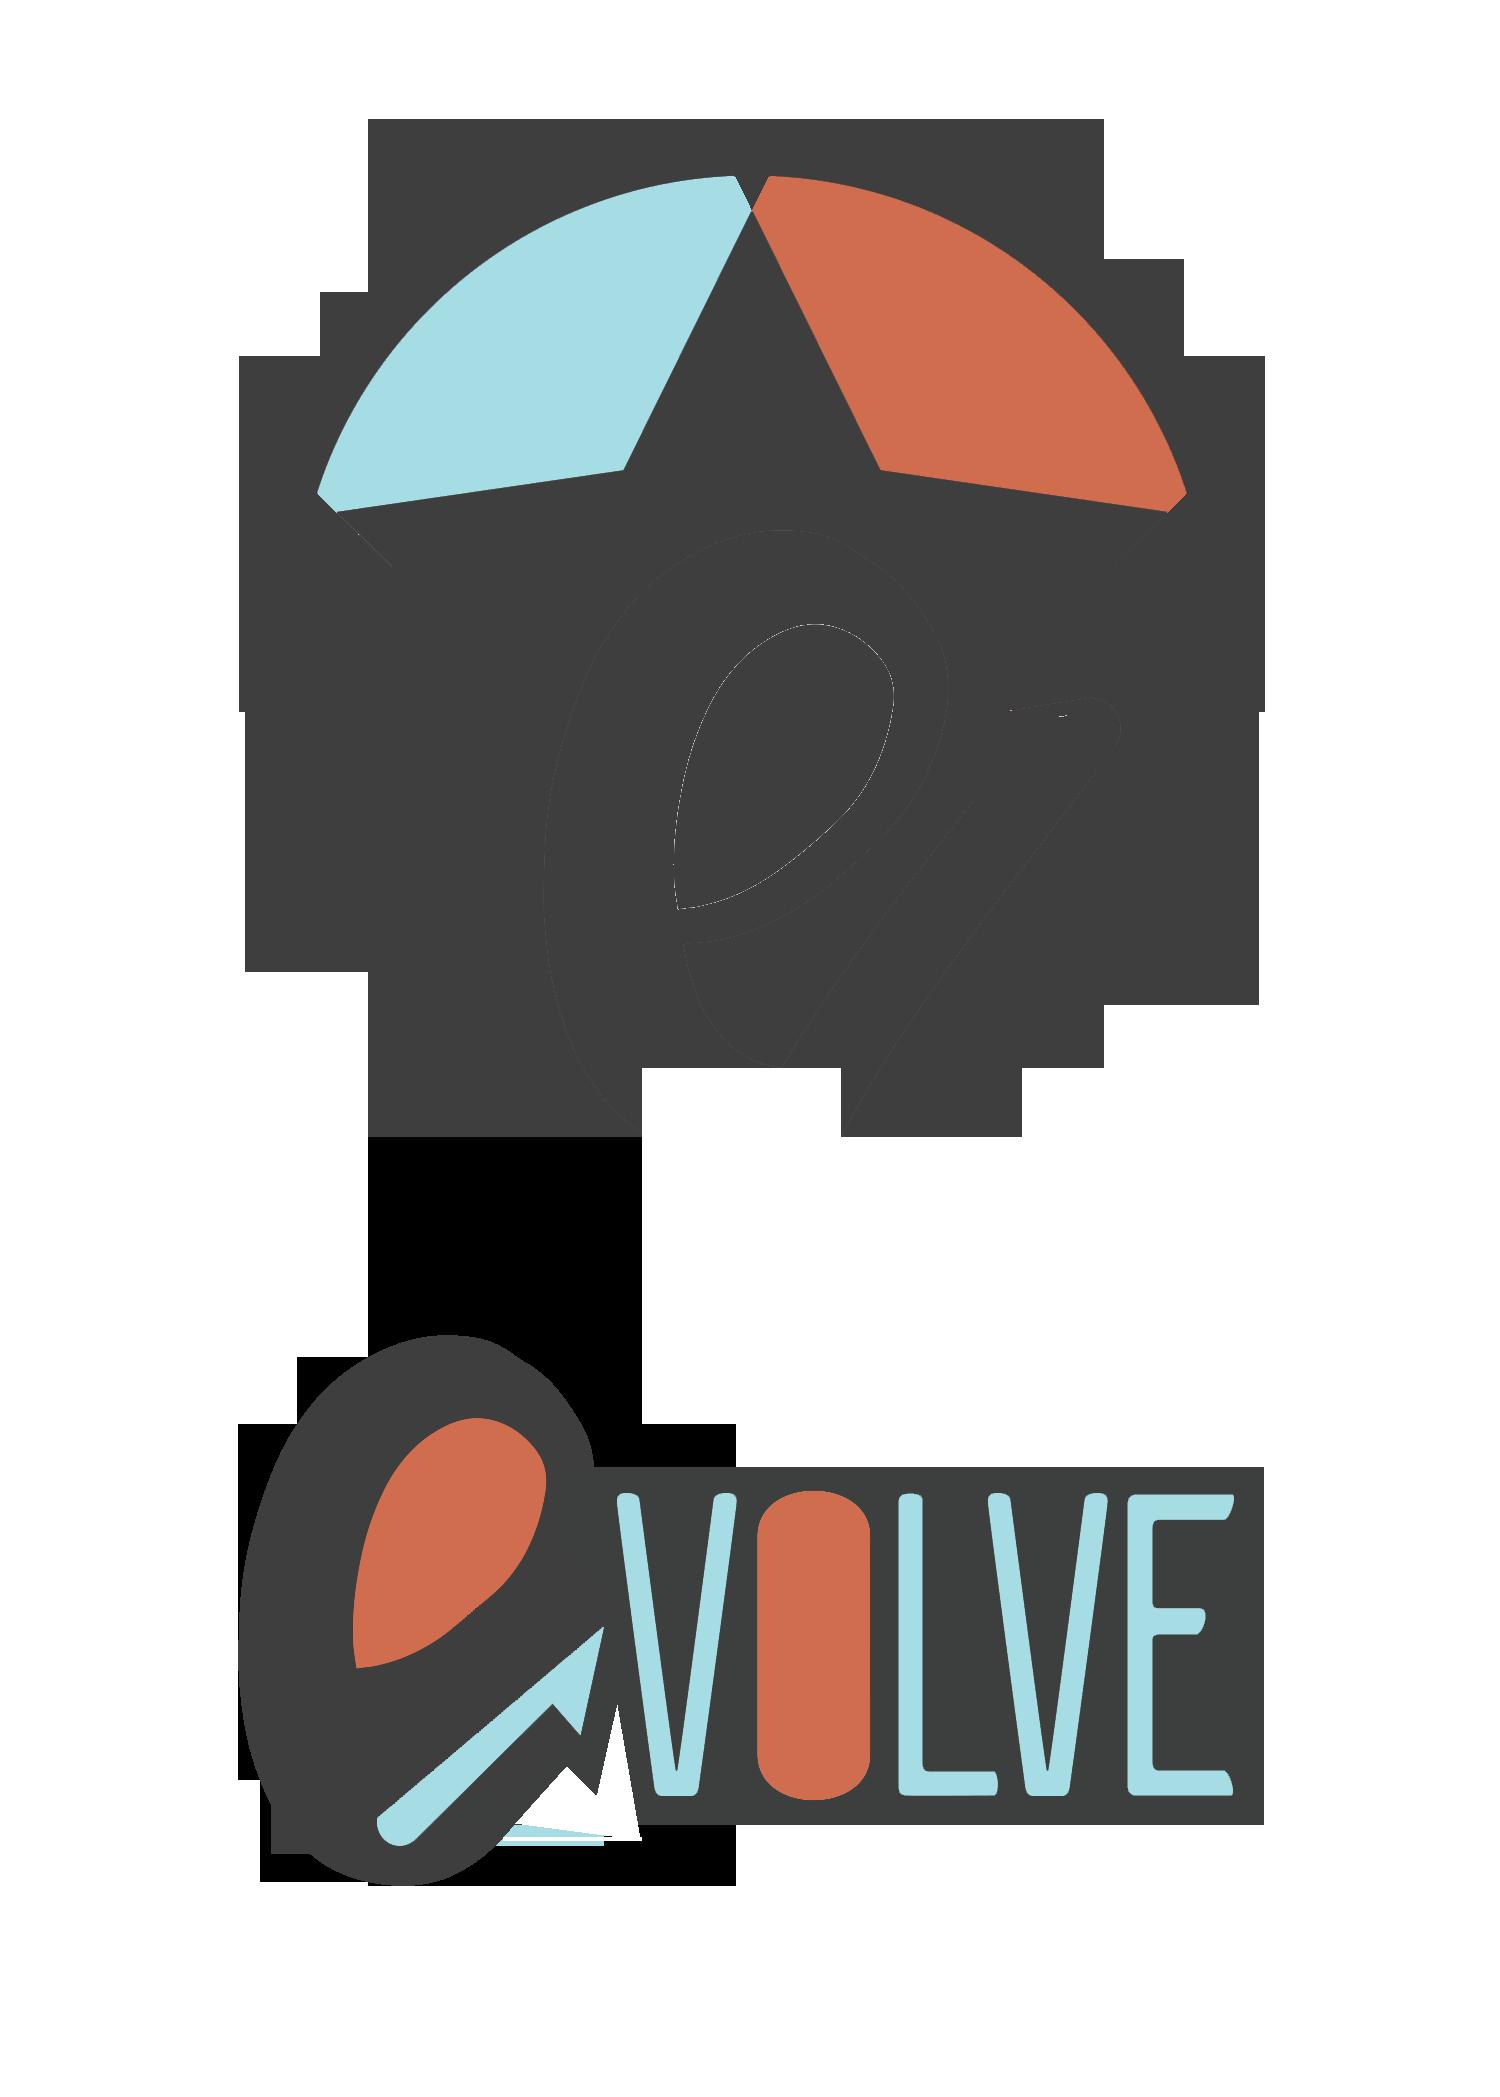 evolve_logo4.png